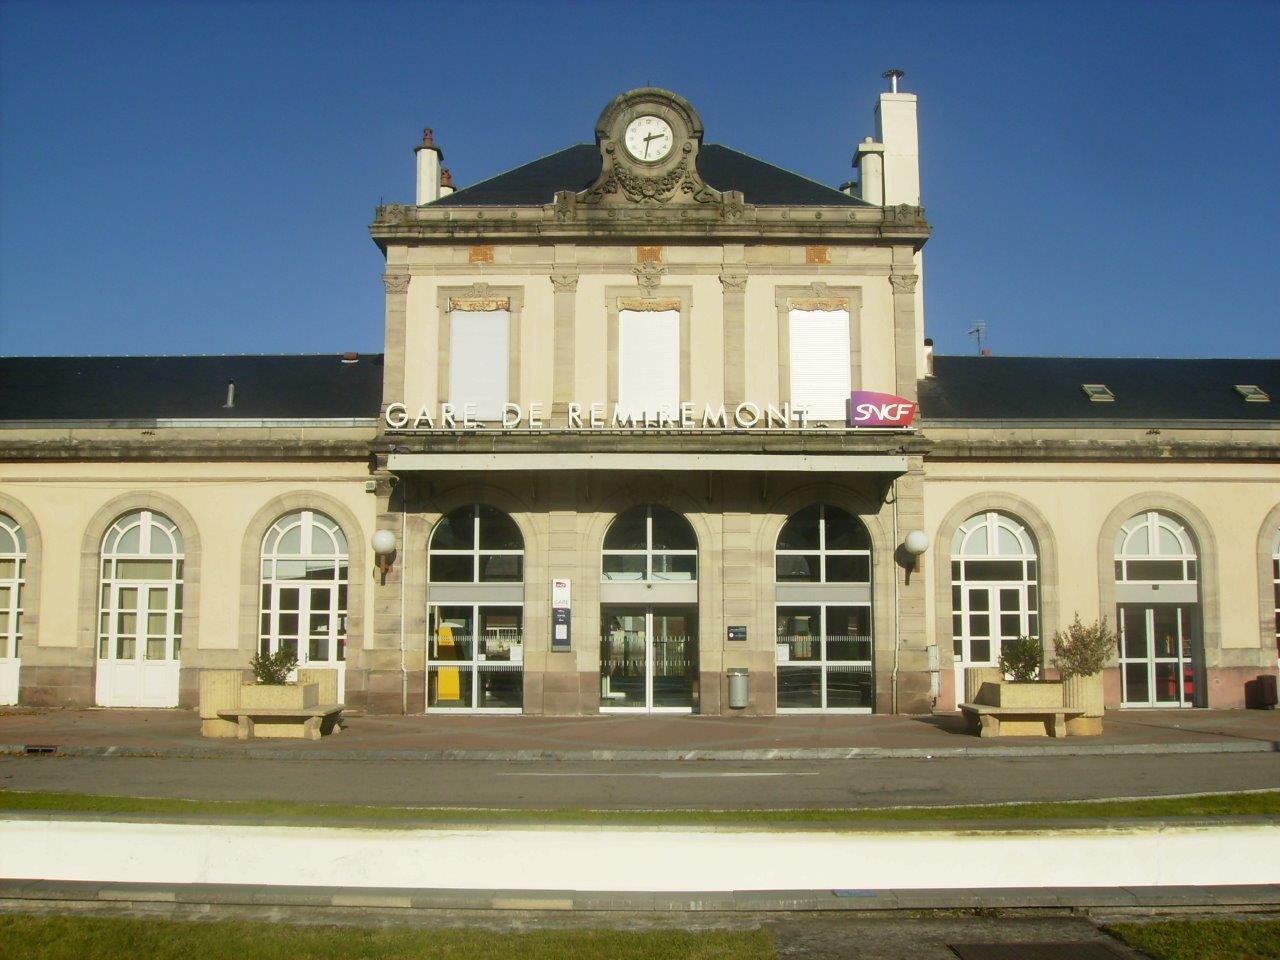 gare-de-remiremont-train-station